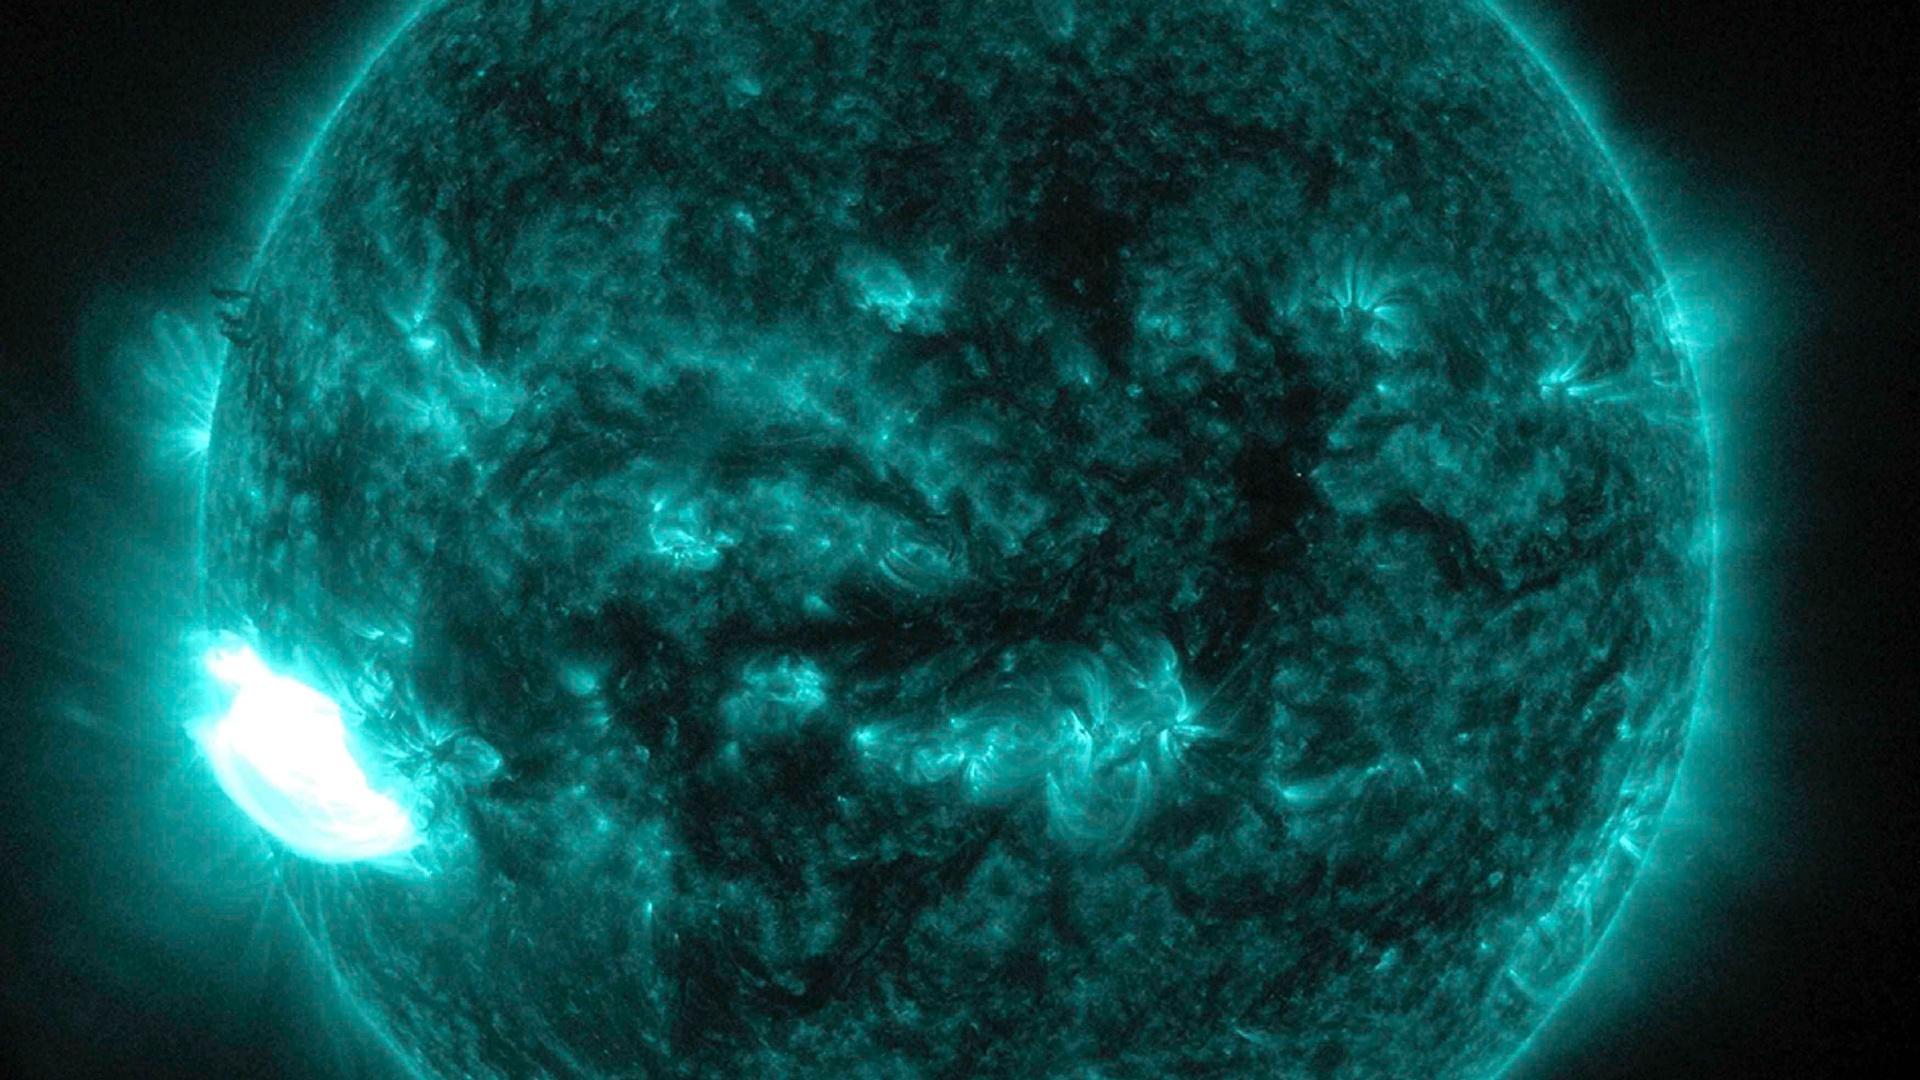 20.out.2014 - Imagem em ultravioleta captada pelo Observatório de Observação Solar da Nasa mostra significativa erupção na superfície do Sol ocorrida no dia 19 de outubro